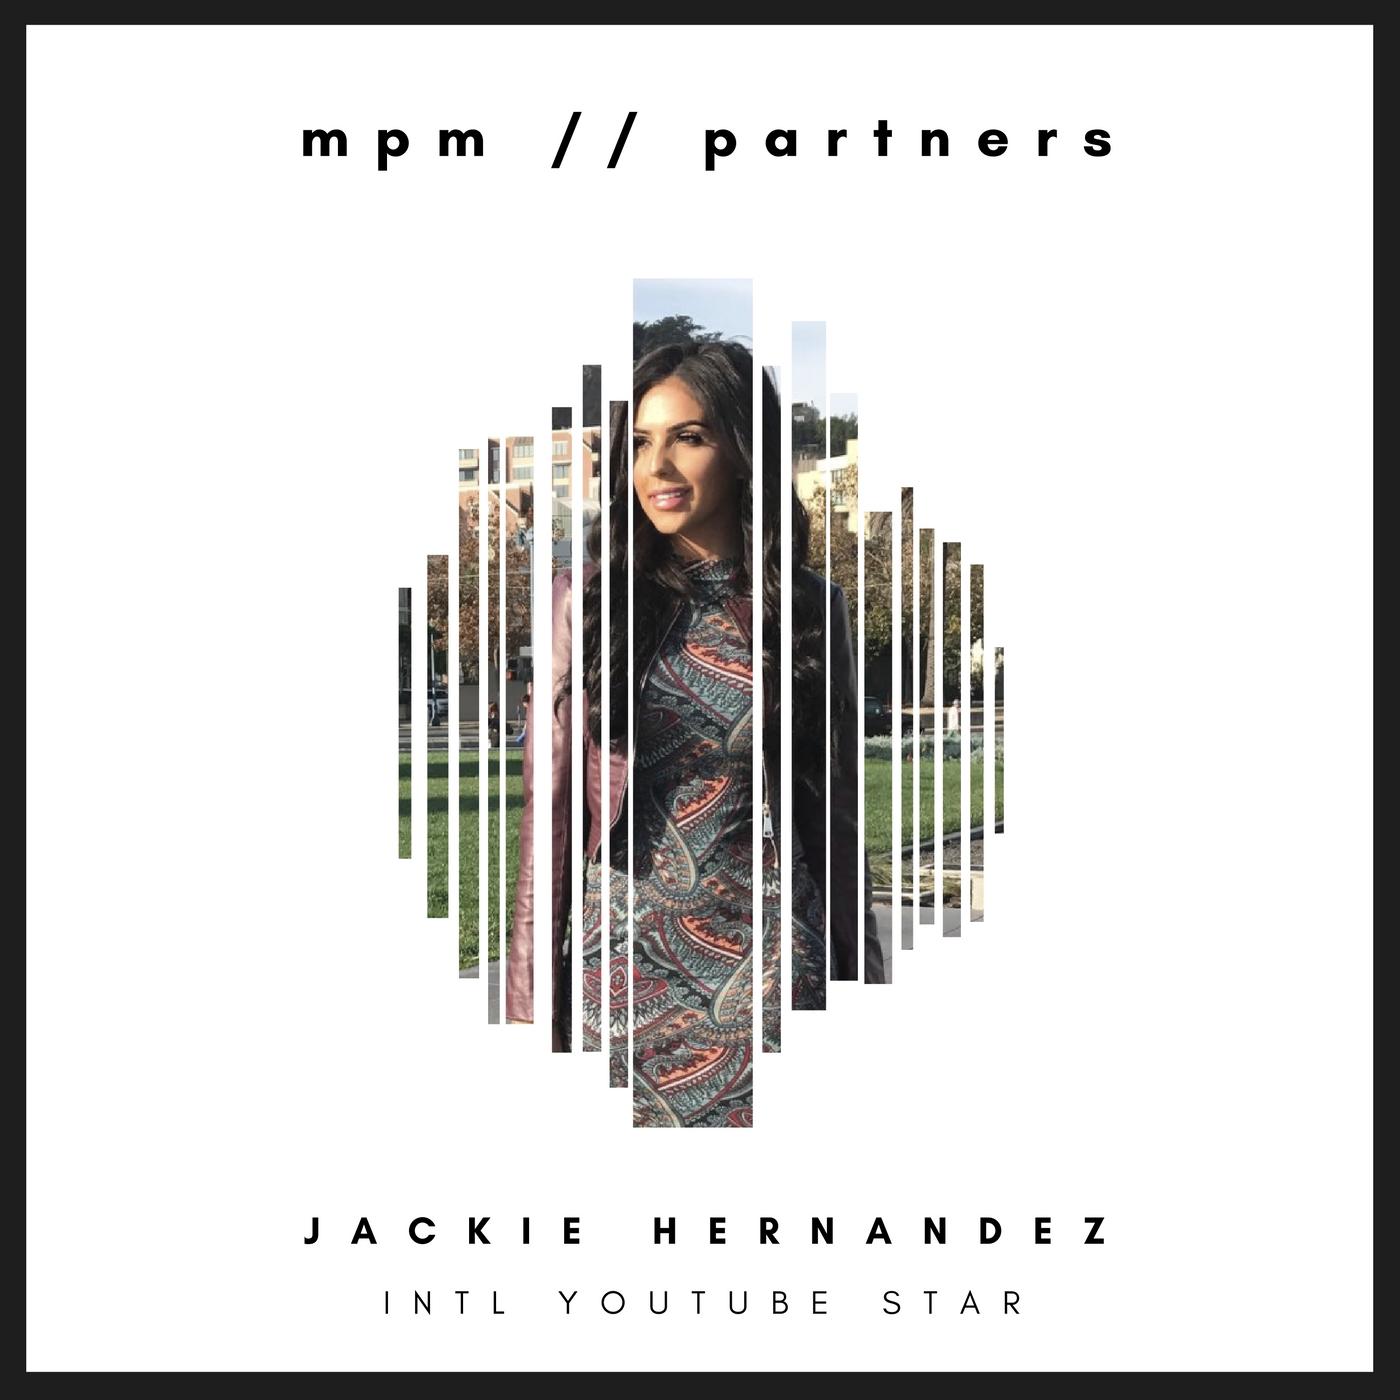 Jackie Hernandez